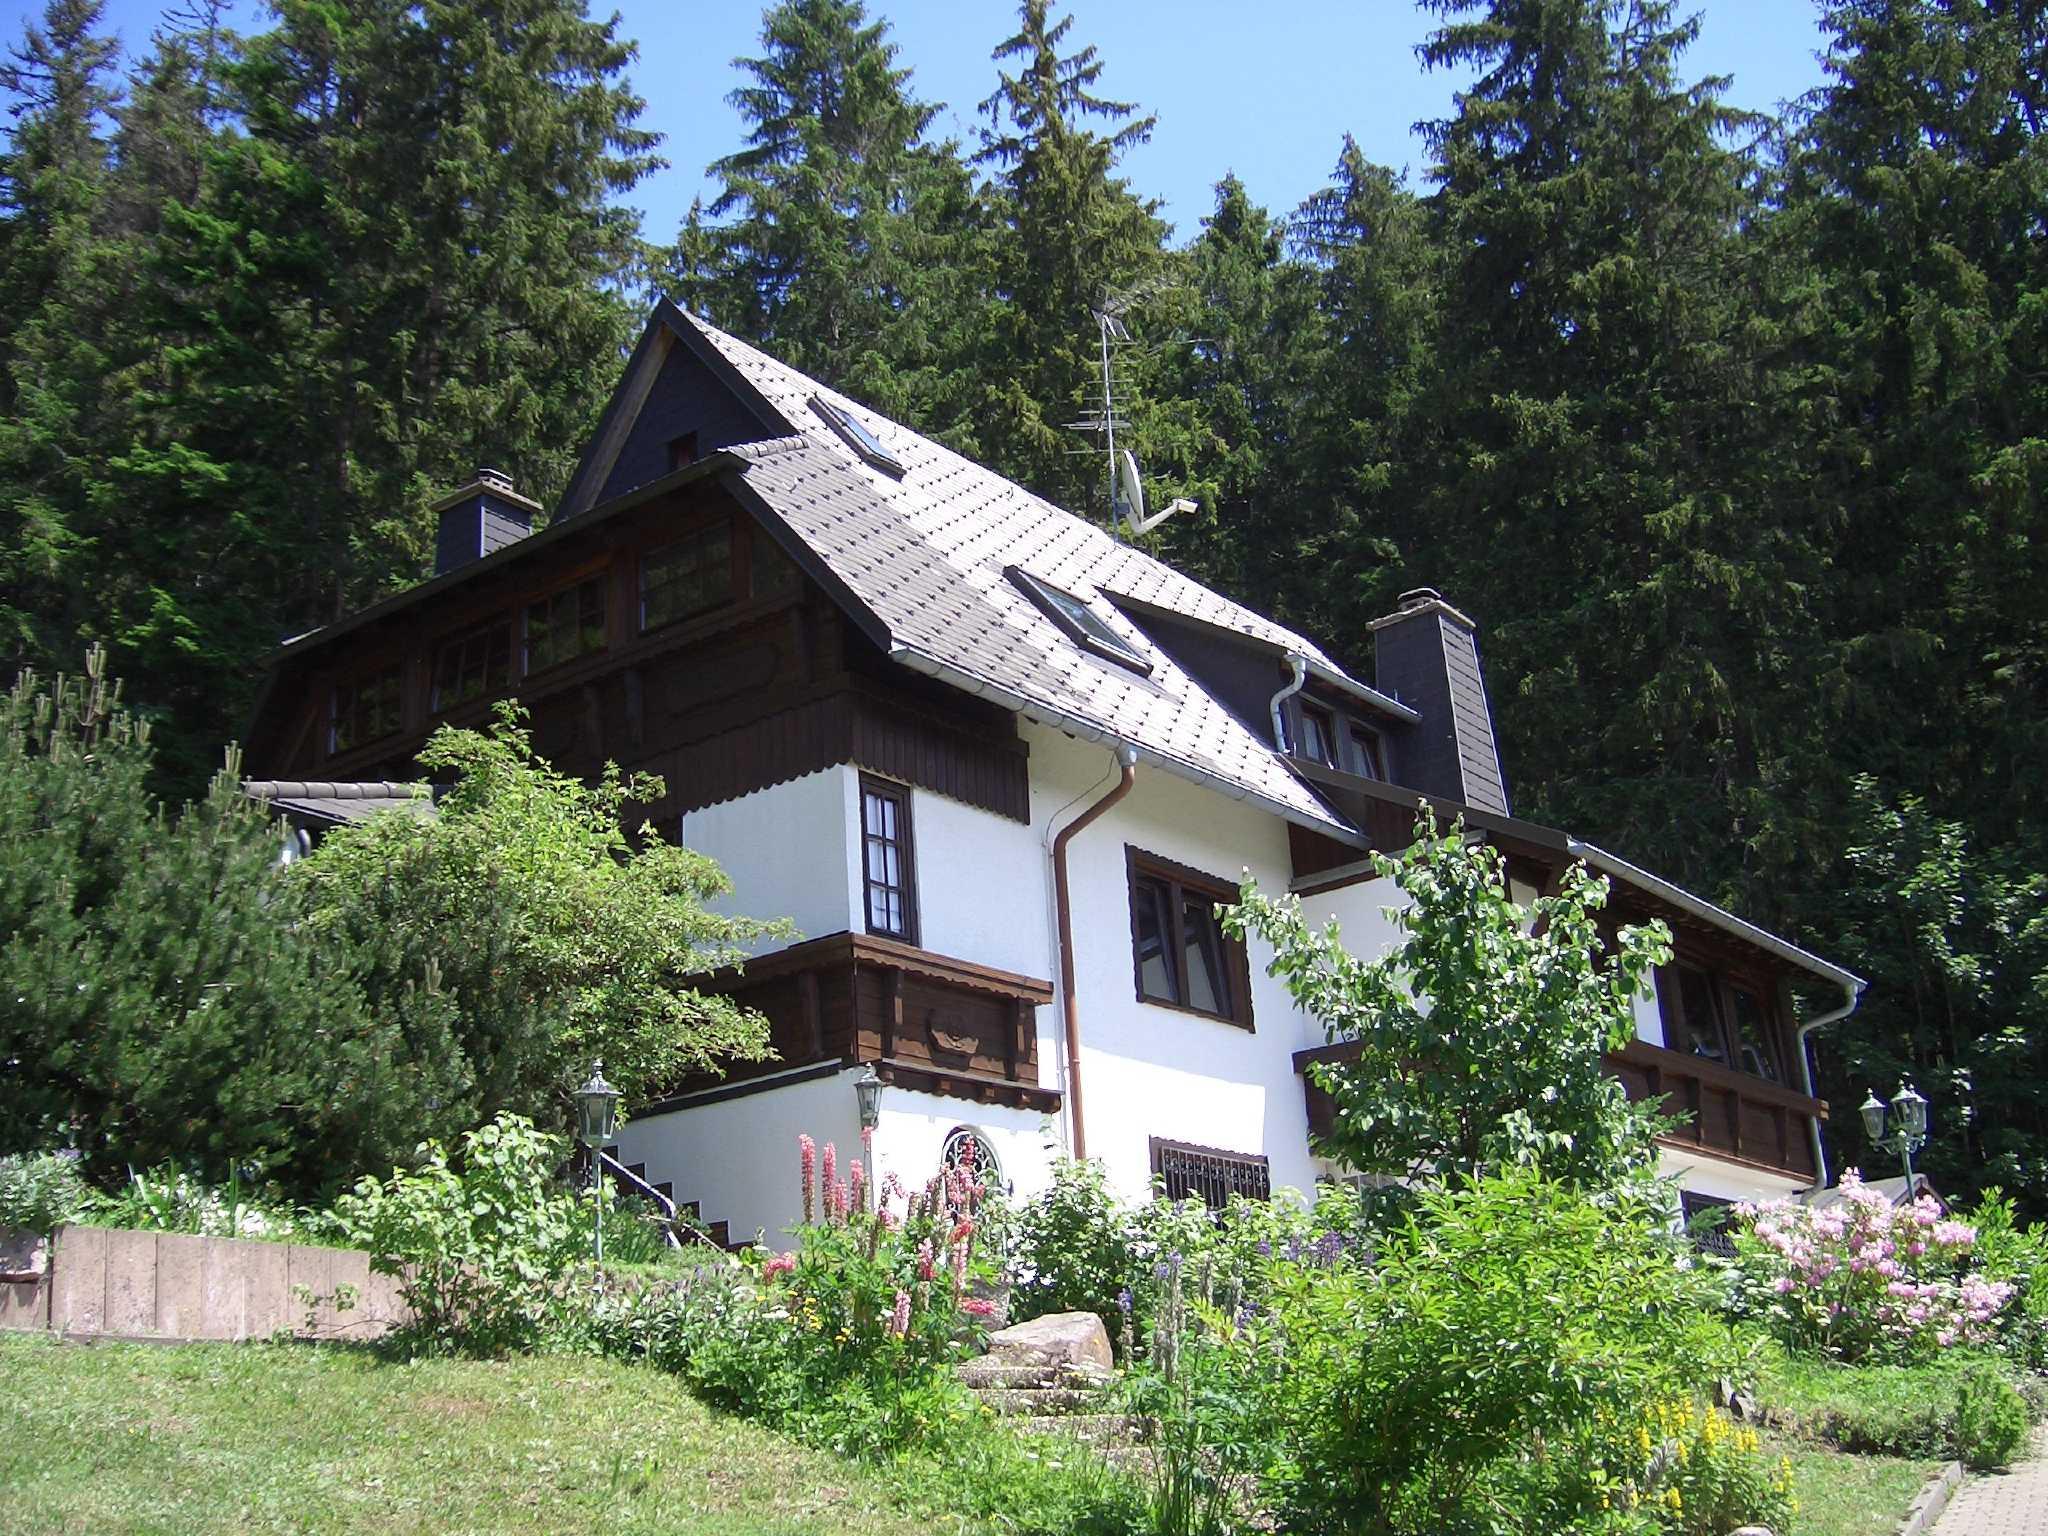 Haus in der Natur im Winter